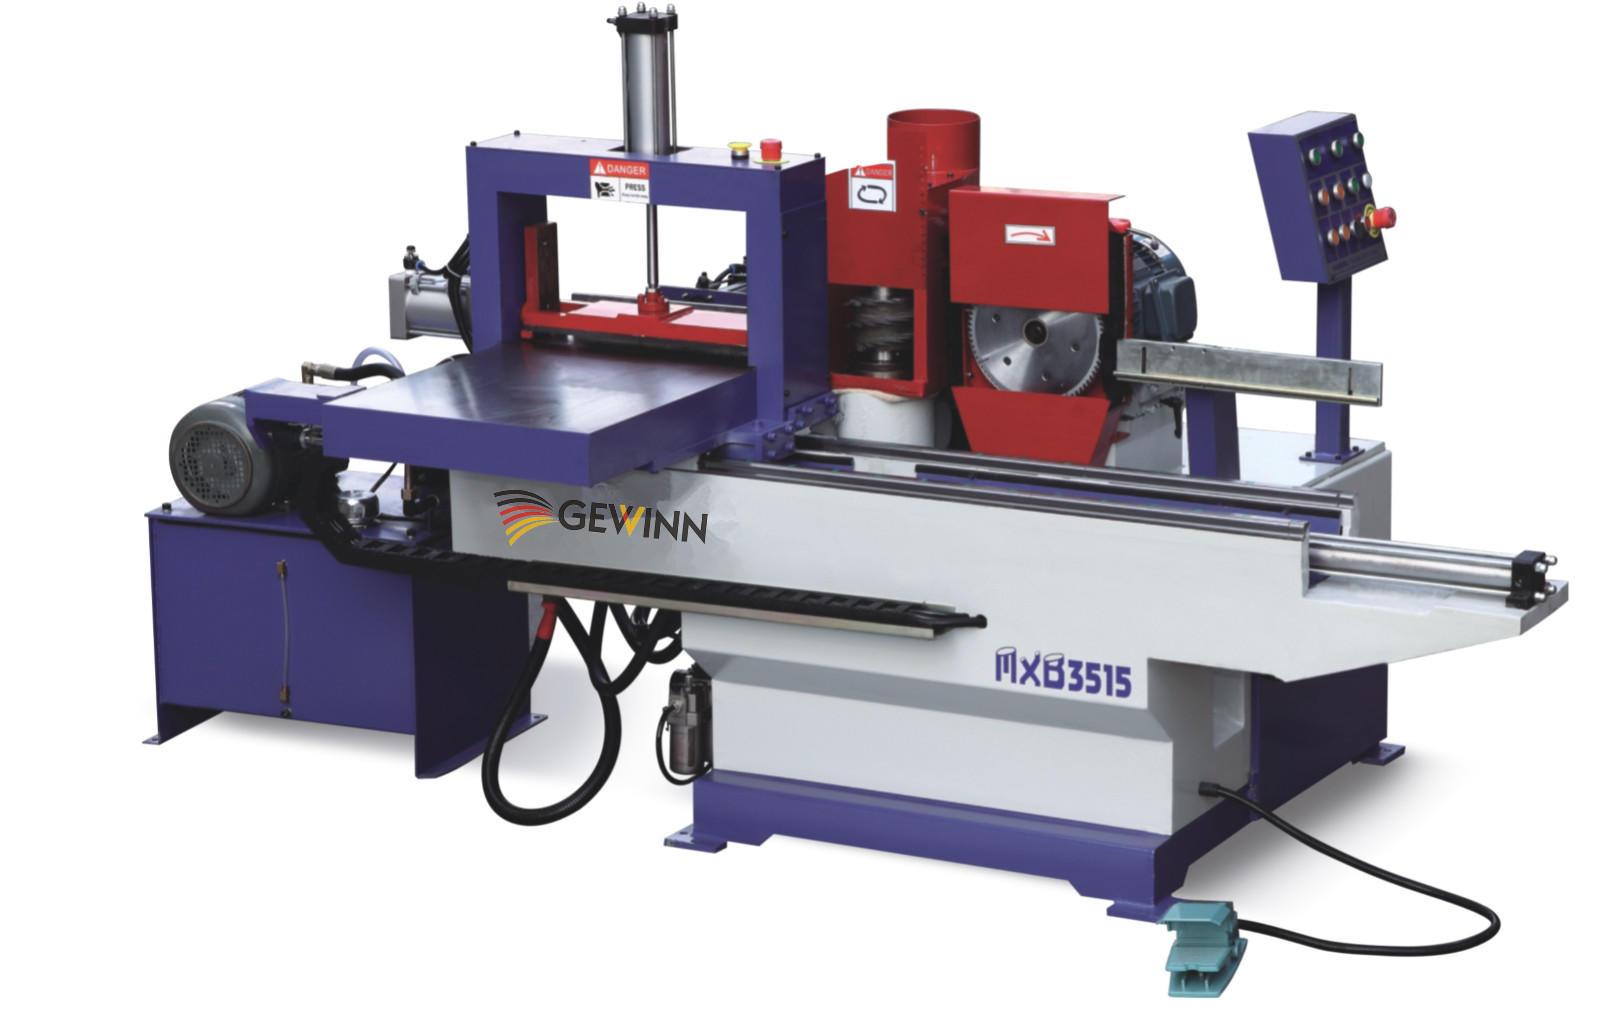 shaper finger joint machine full jointing line for wood Gewinn